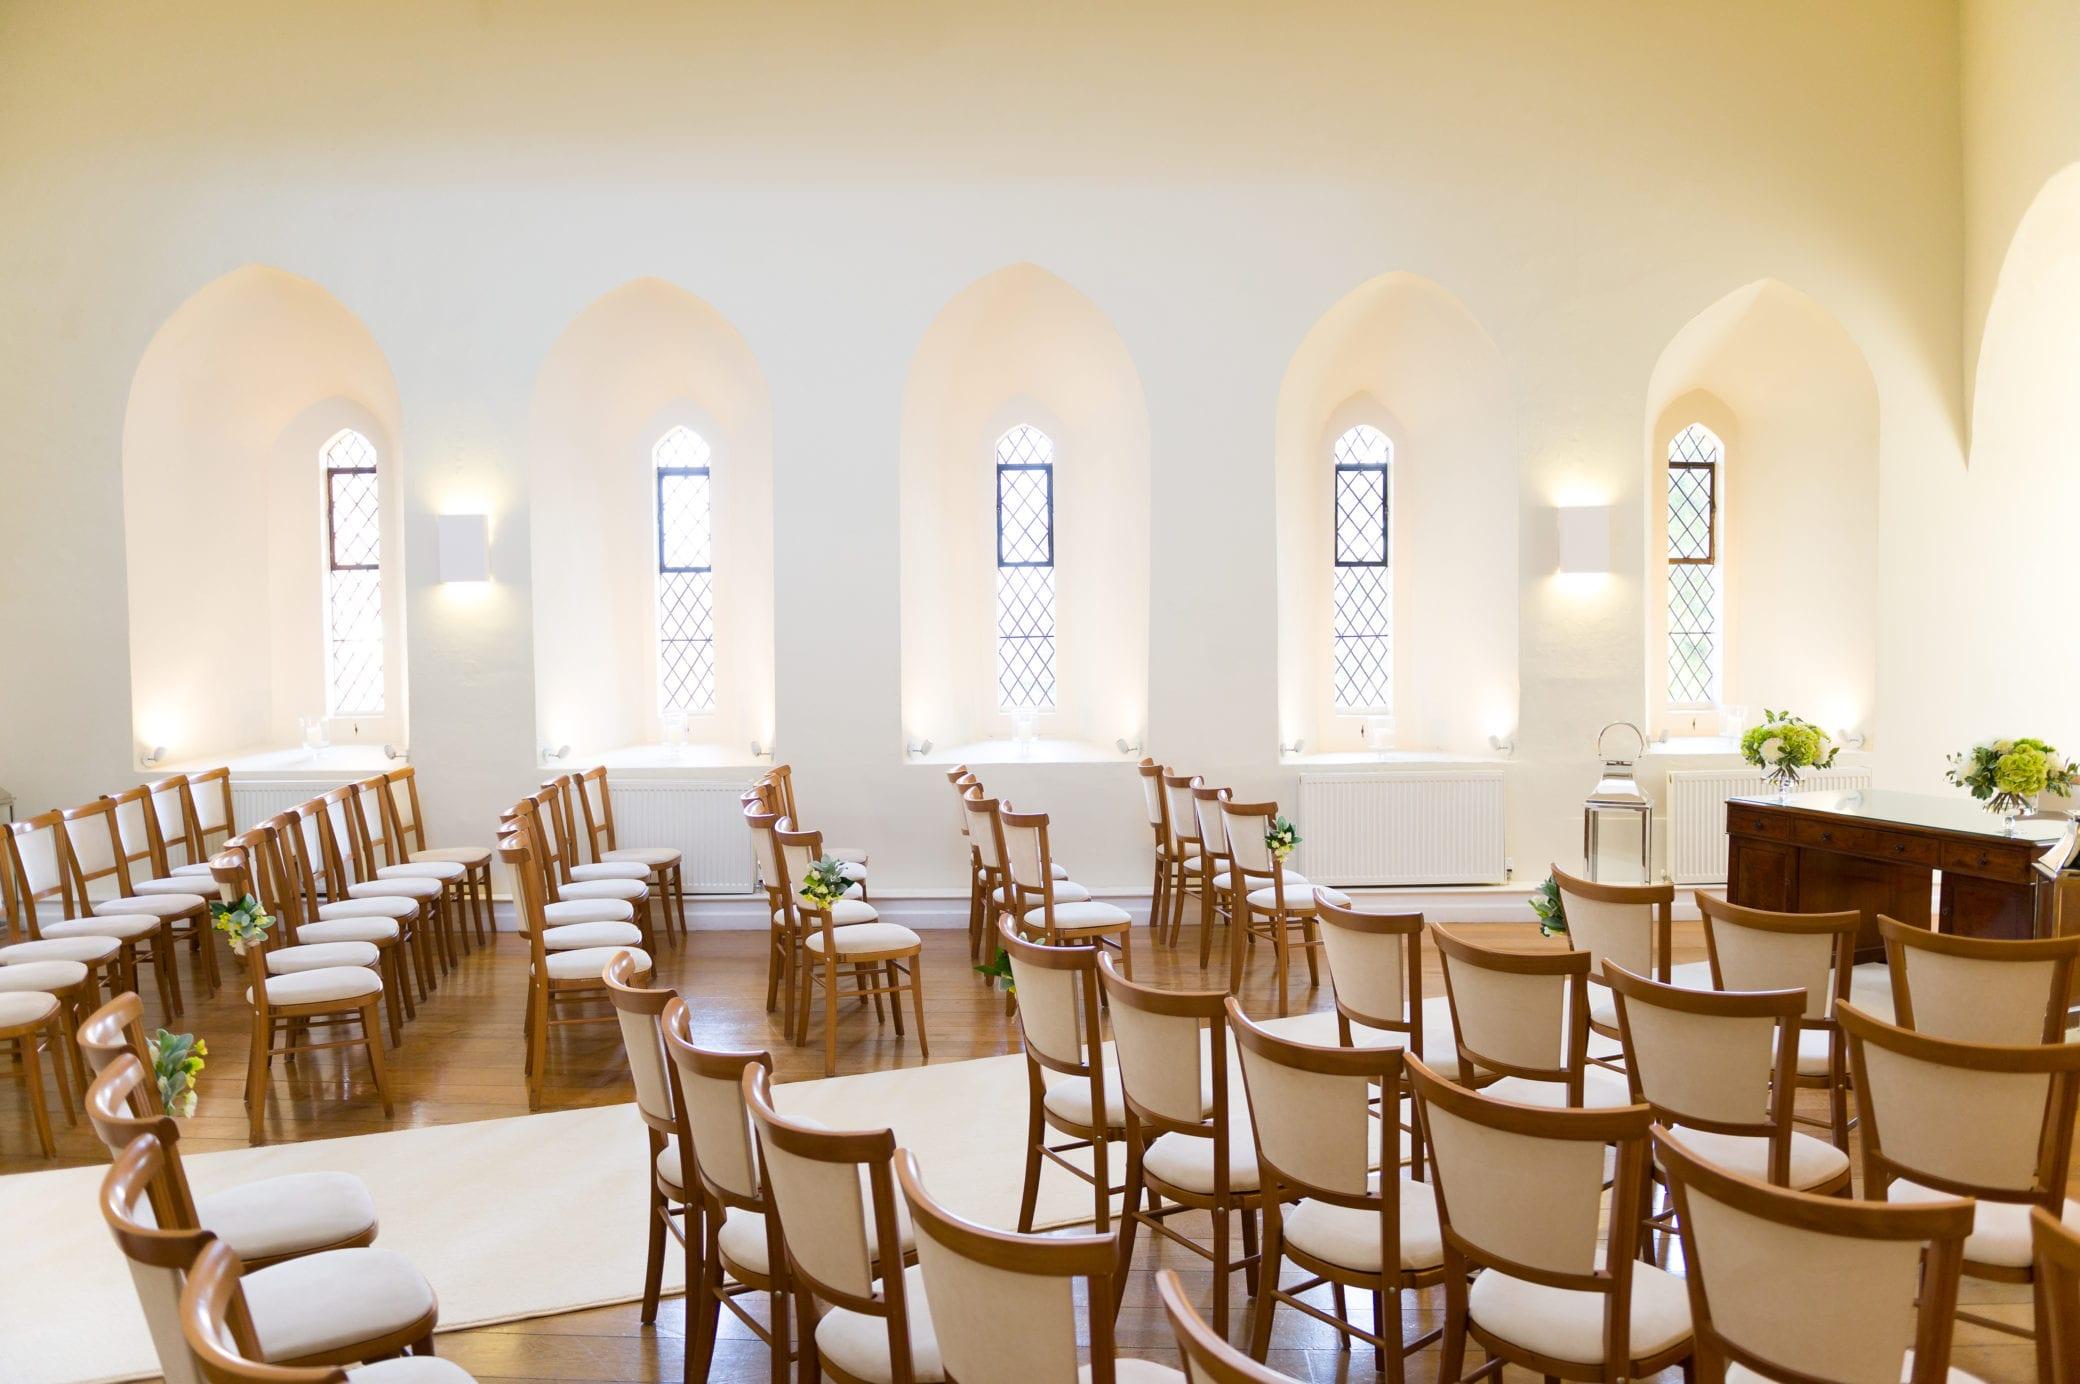 Wedding ceremony venue in Surrey